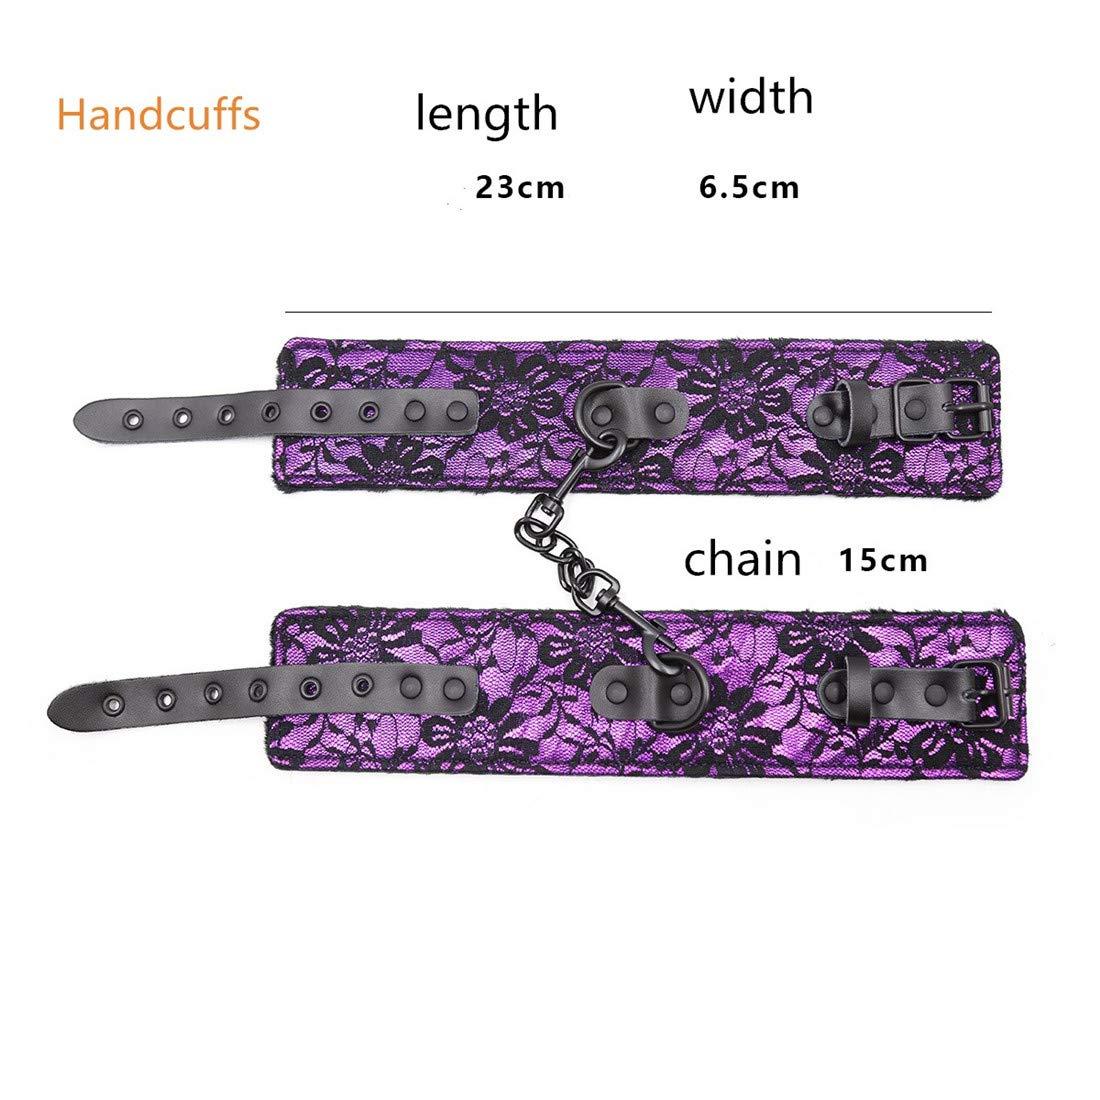 Dhrfyktu Encaje Cuero de Encaje Dhrfyktu con Esposas de Felpa Pasión Hebilla Tobillo Puños Juguetes Adultos para el Sexo (Color : Purple, Size : Handcuffs) ab036a